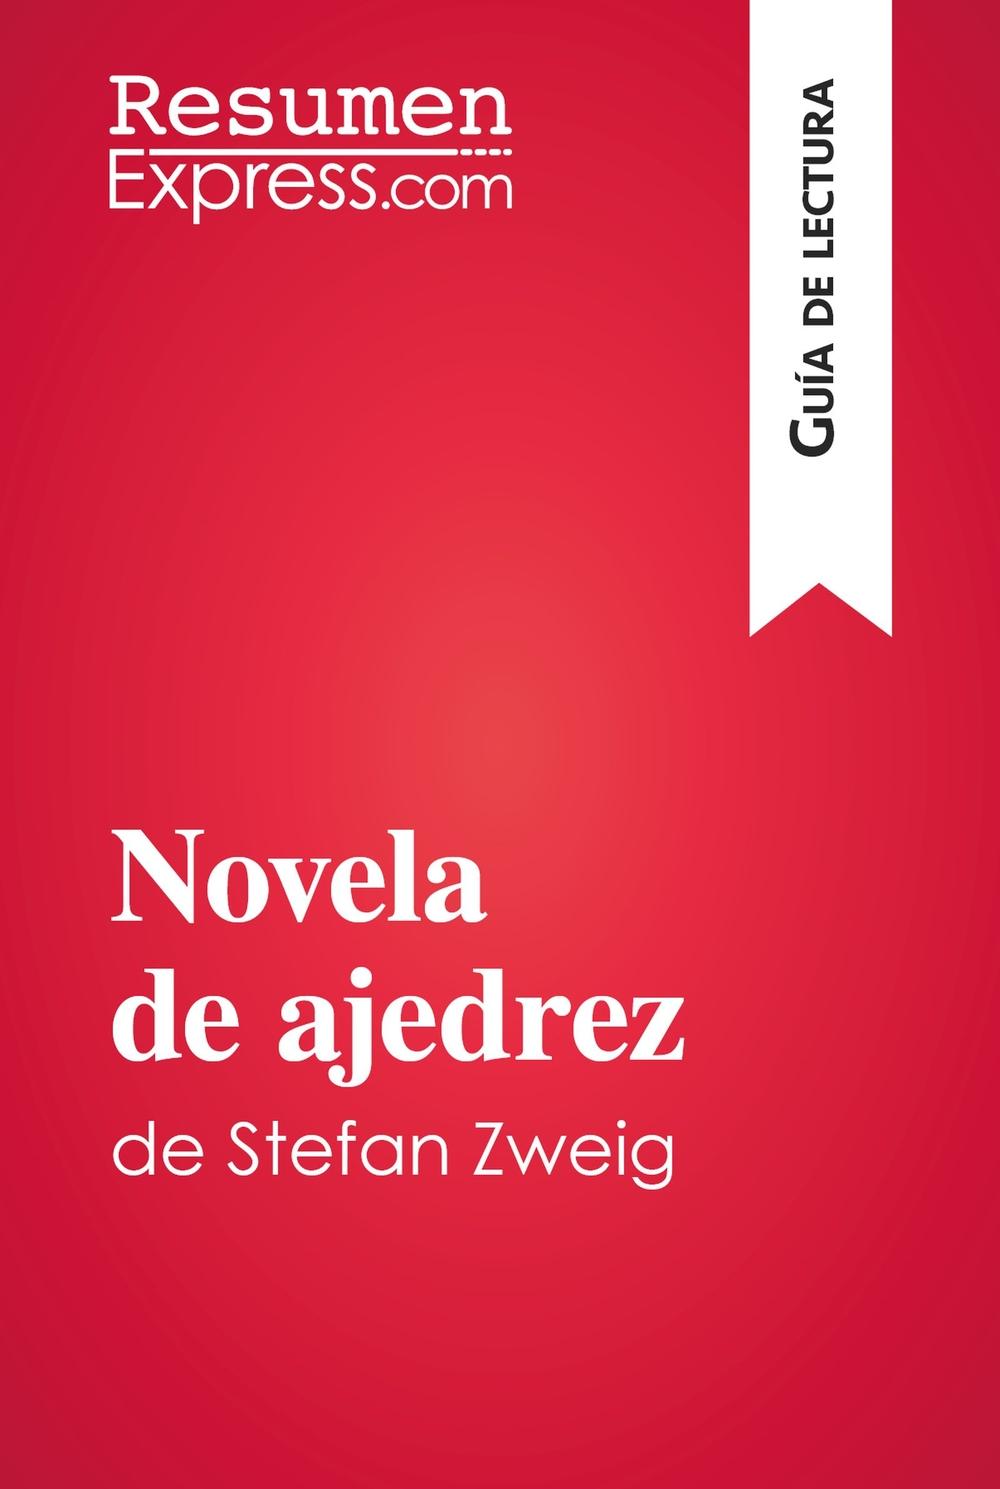 Novela de ajedrez de Stefan Zweig (Guía de lectura)